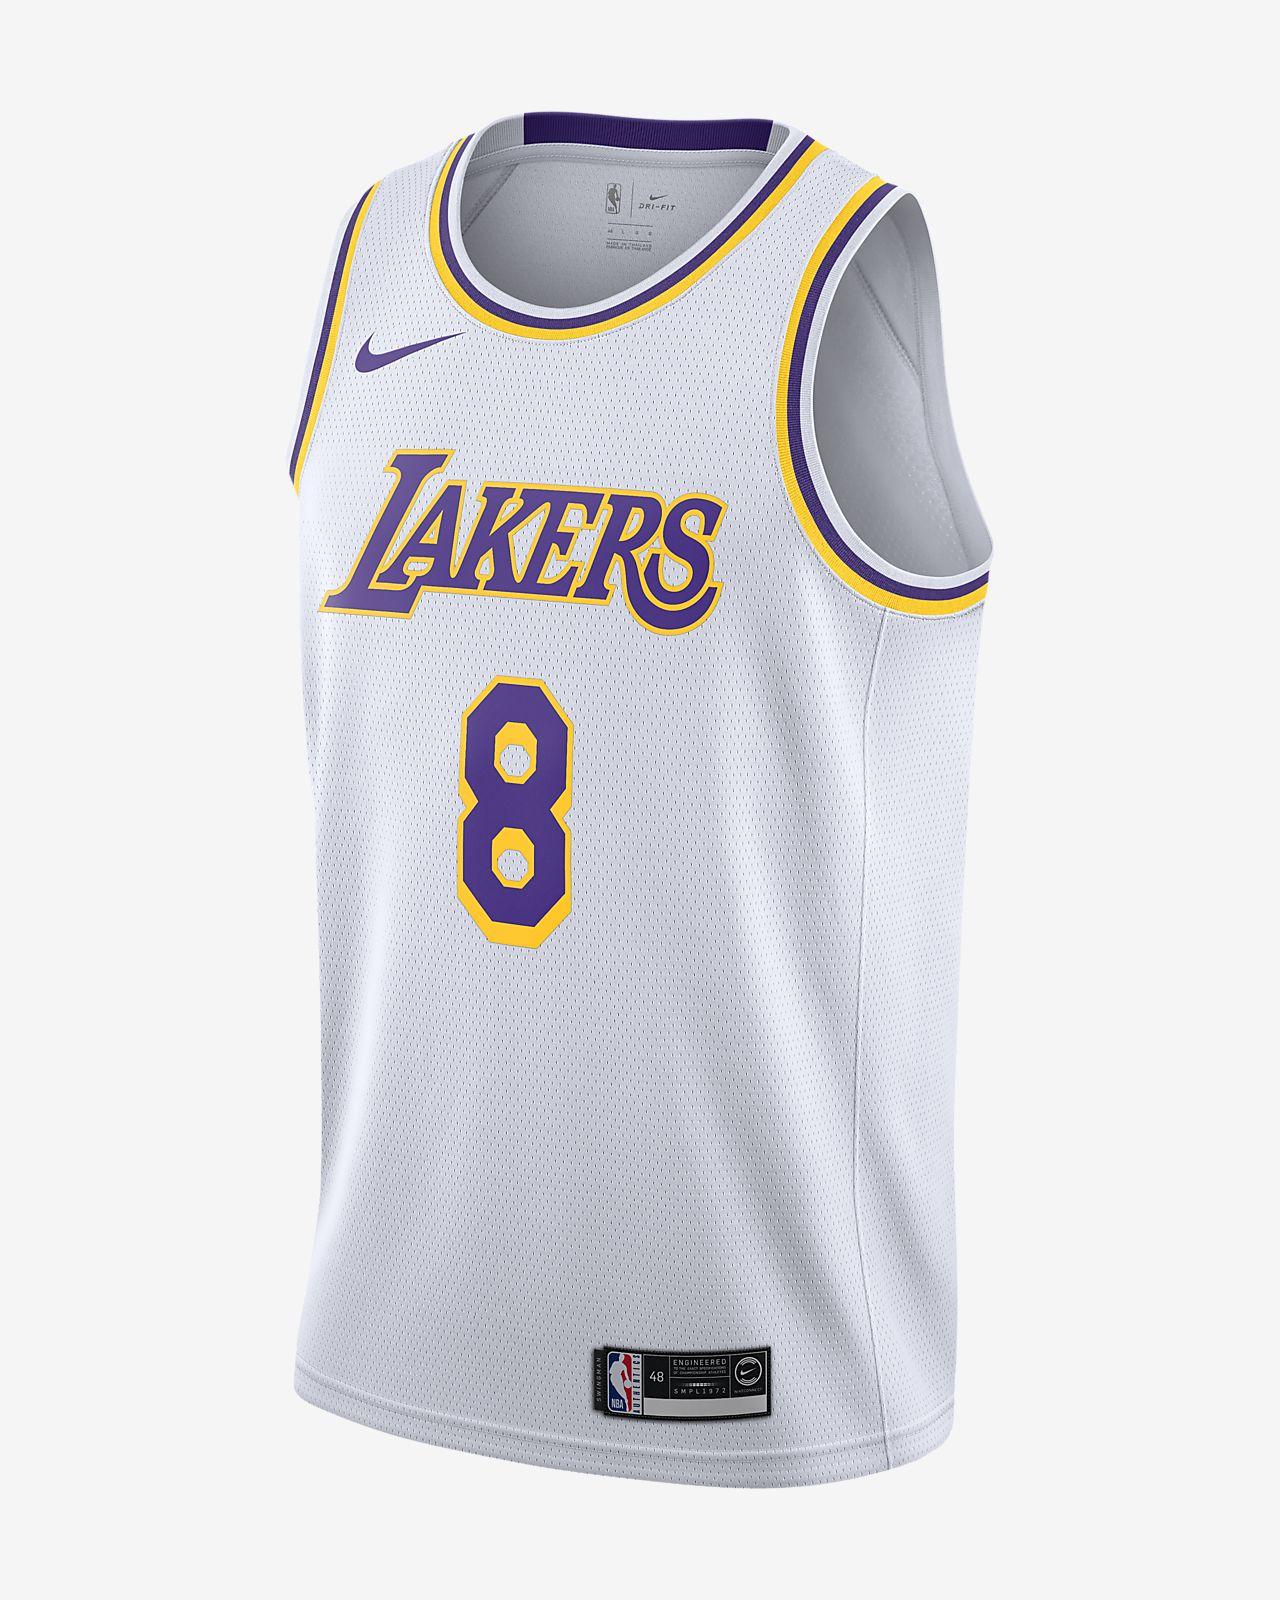 Kobe Bryant Association Edition Swingman (Los Angeles Lakers) tilkoblet Nike NBA-drakt til herre